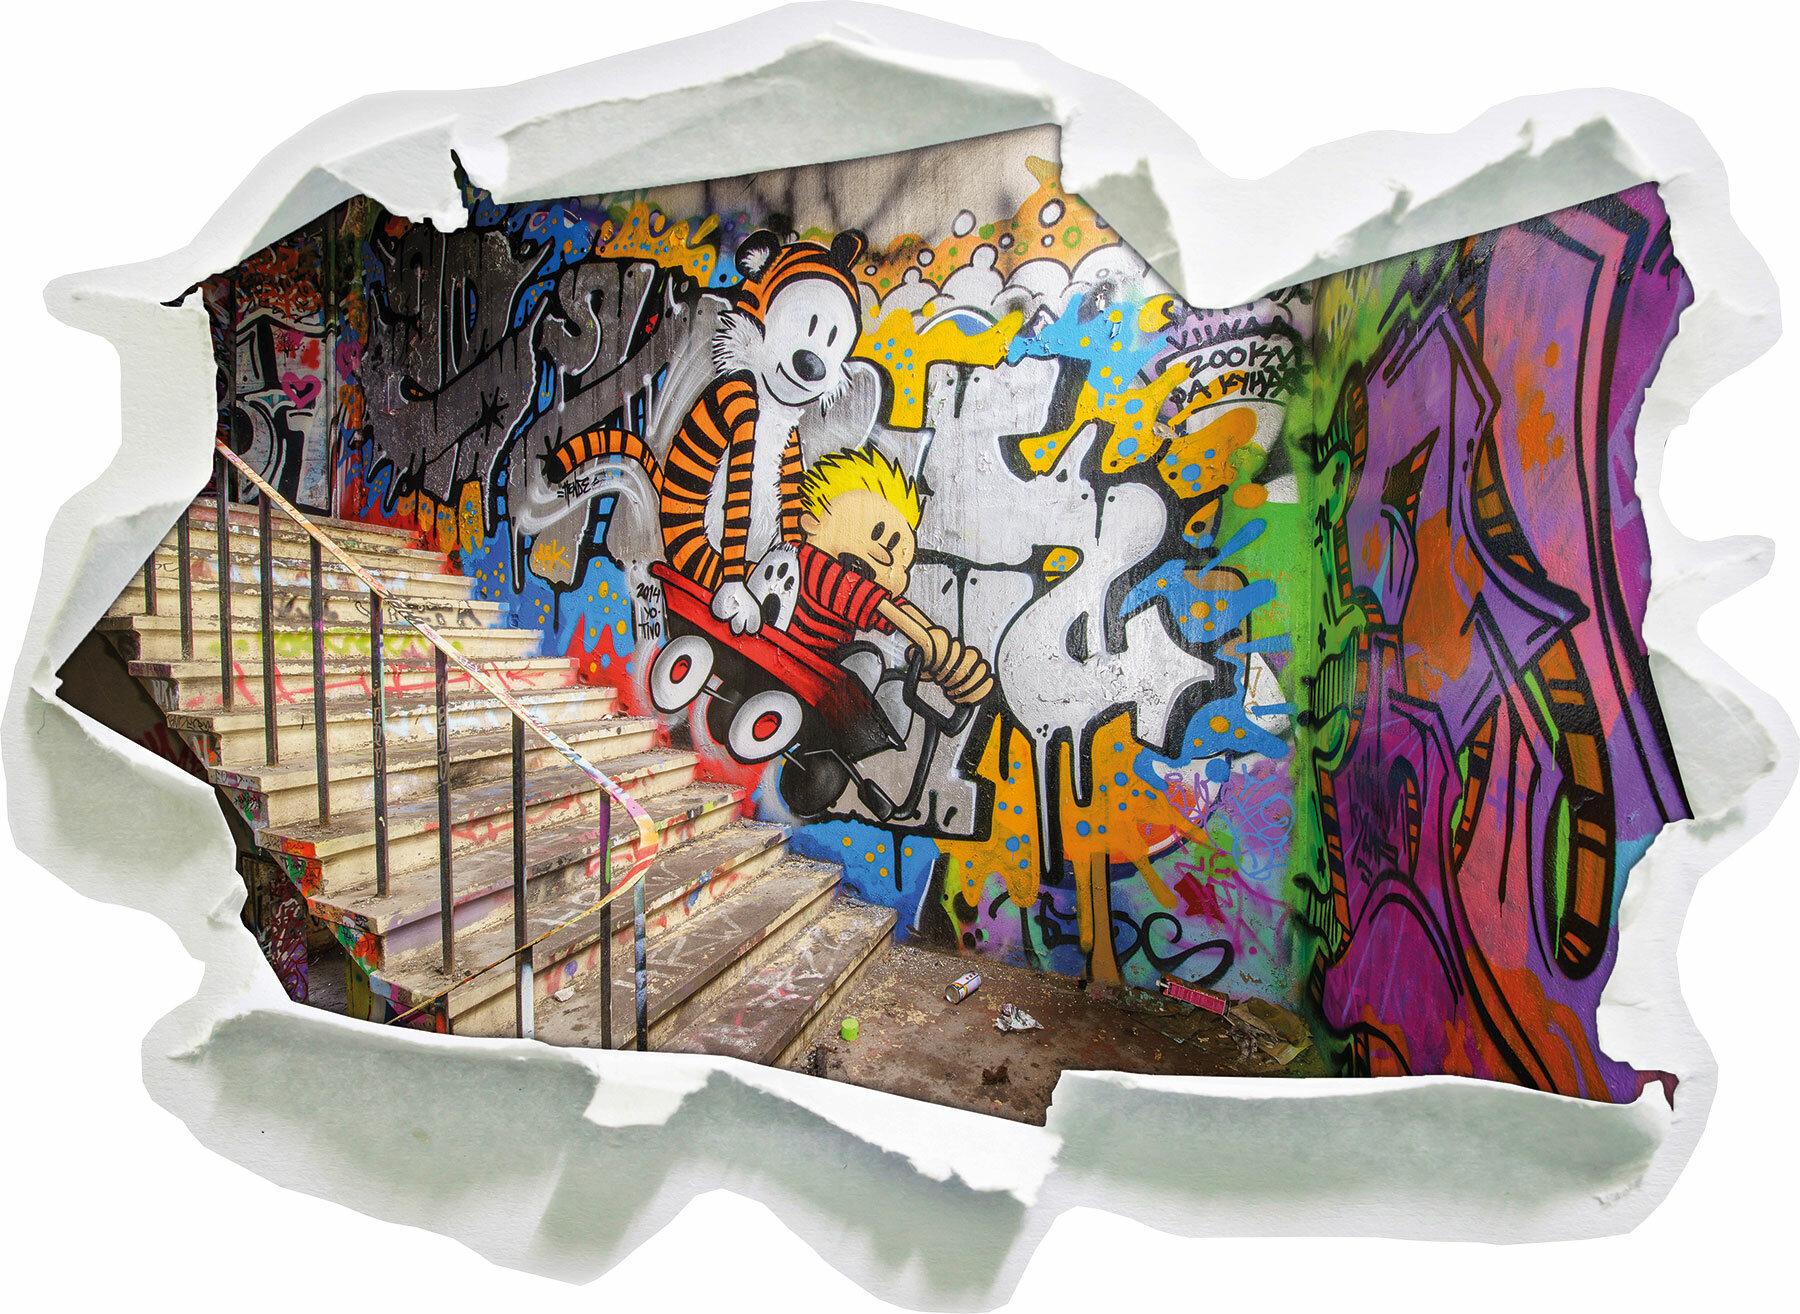 Pixxprint Wandtattoo Coloured Streetart Graffiti | Wayfair.de